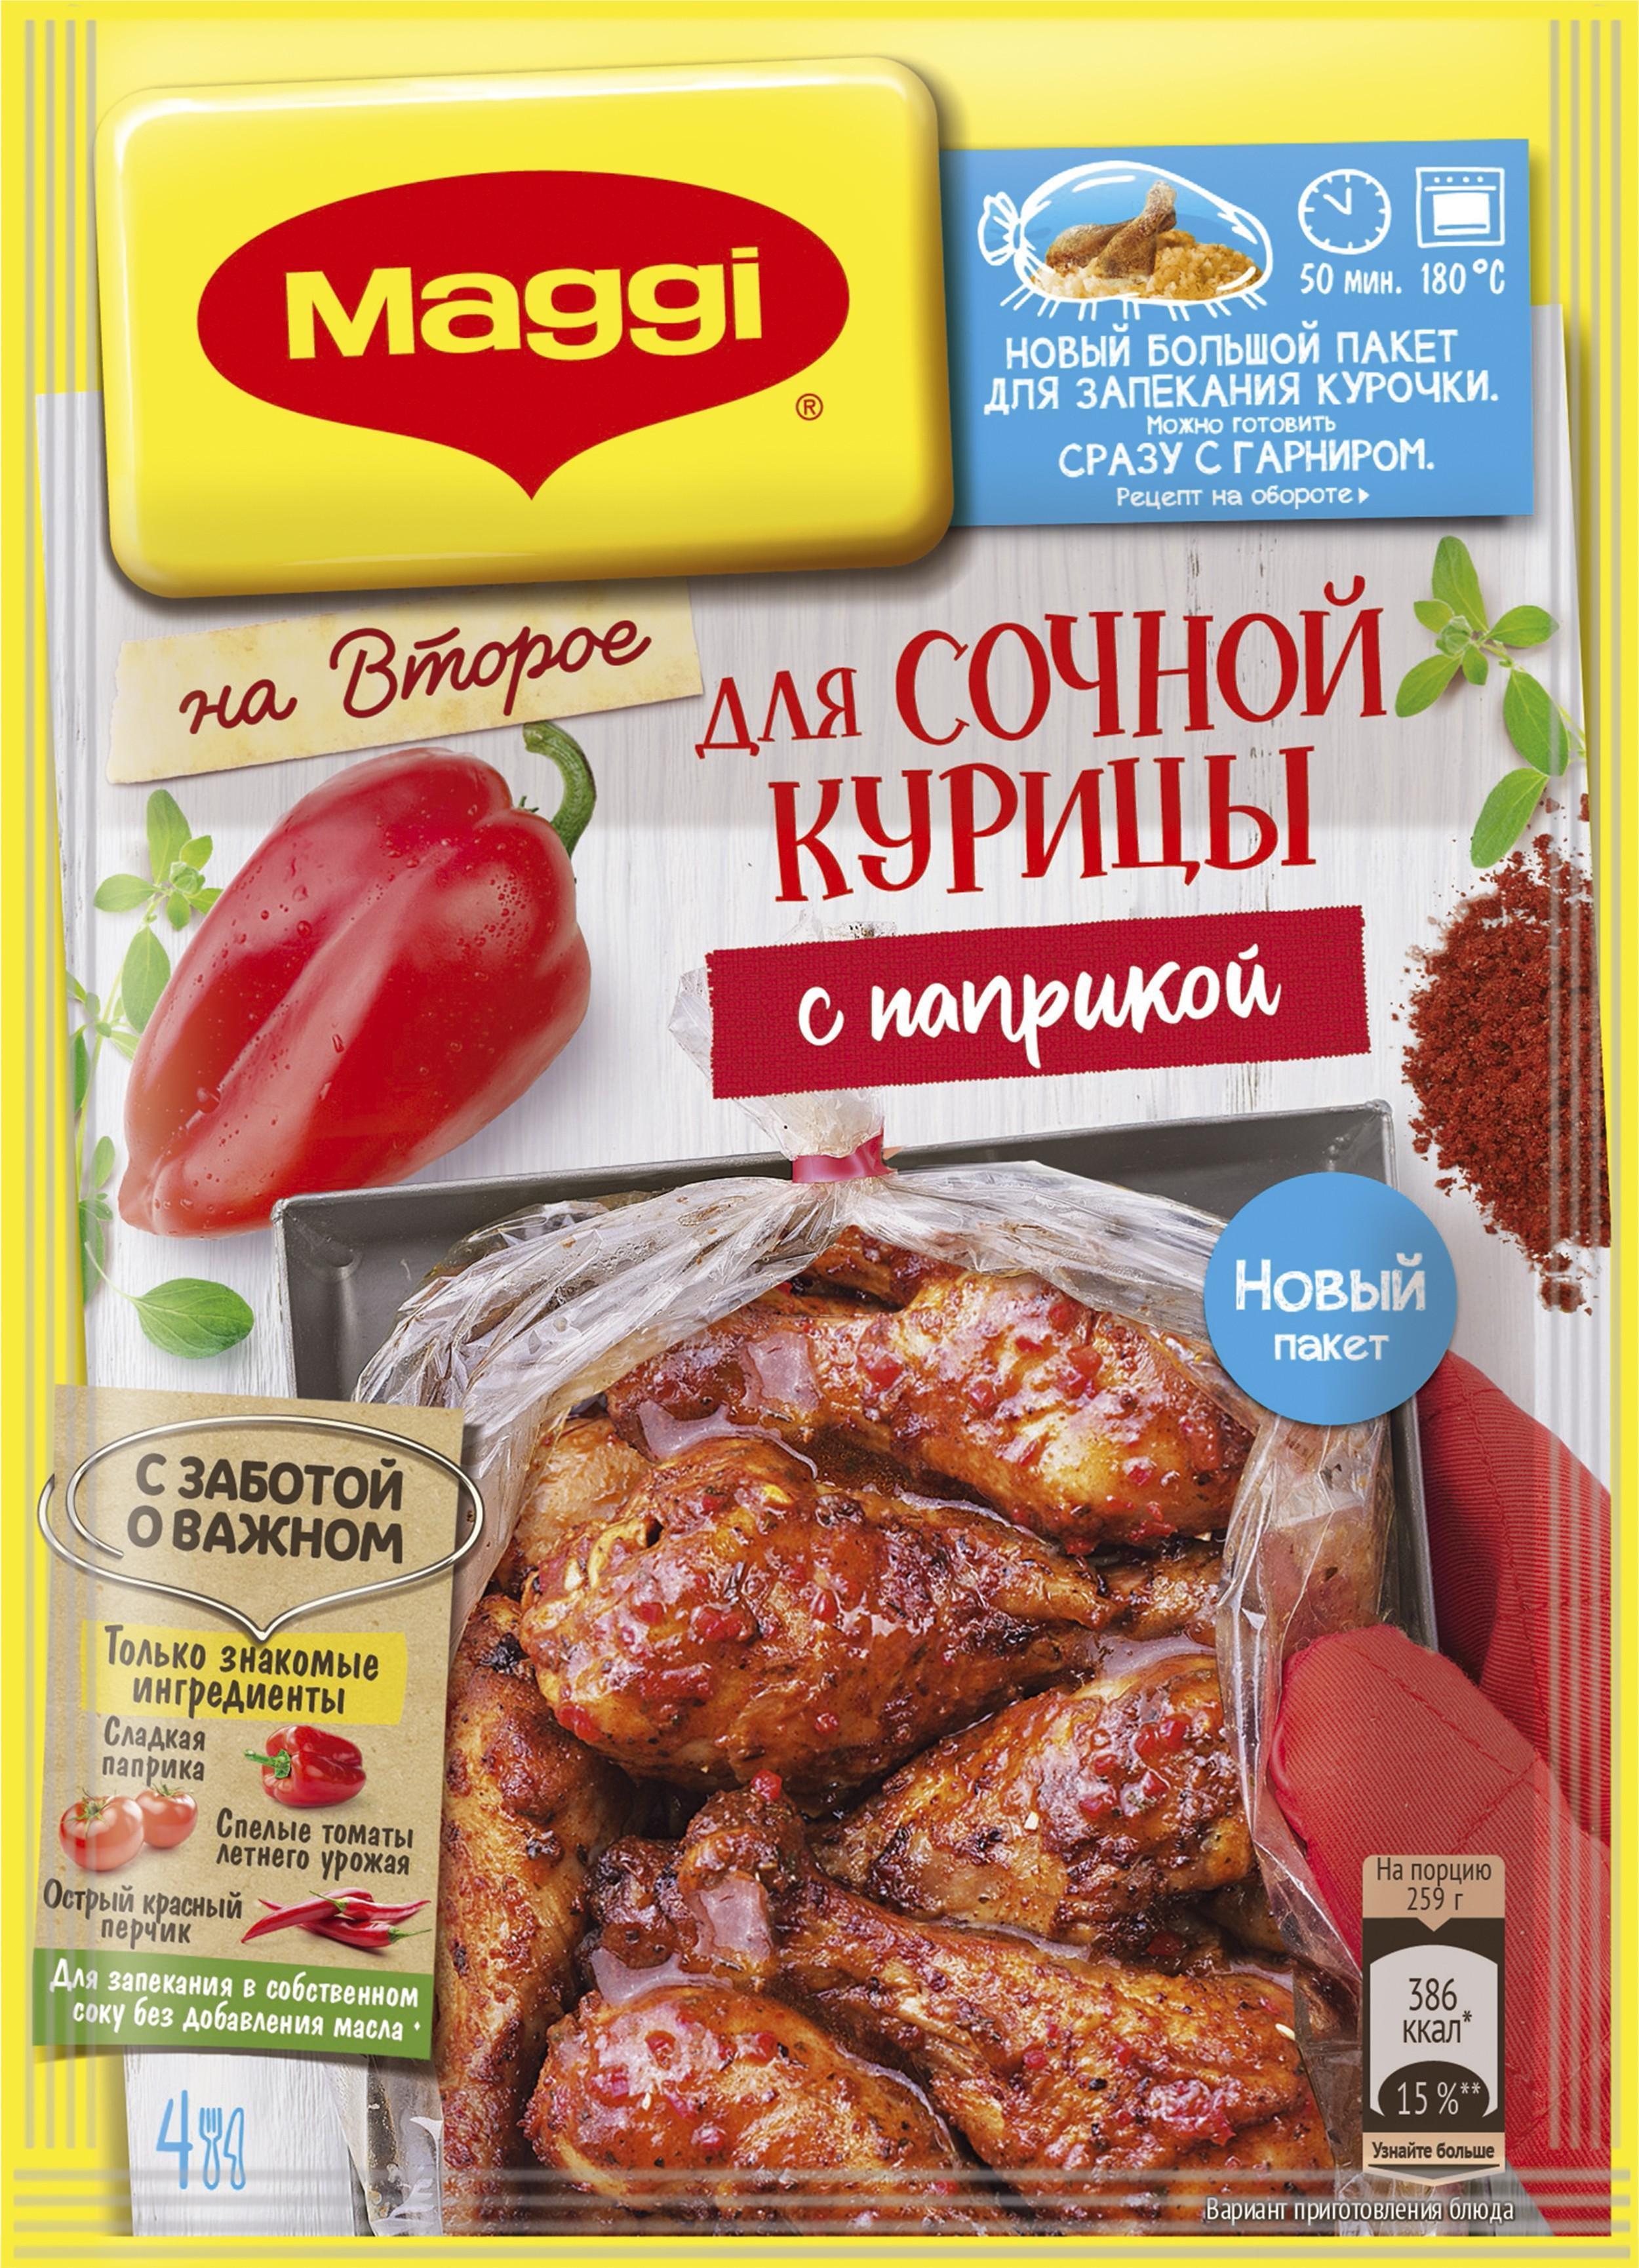 Приправа Maggi на второе для сочной курицы с паприкой